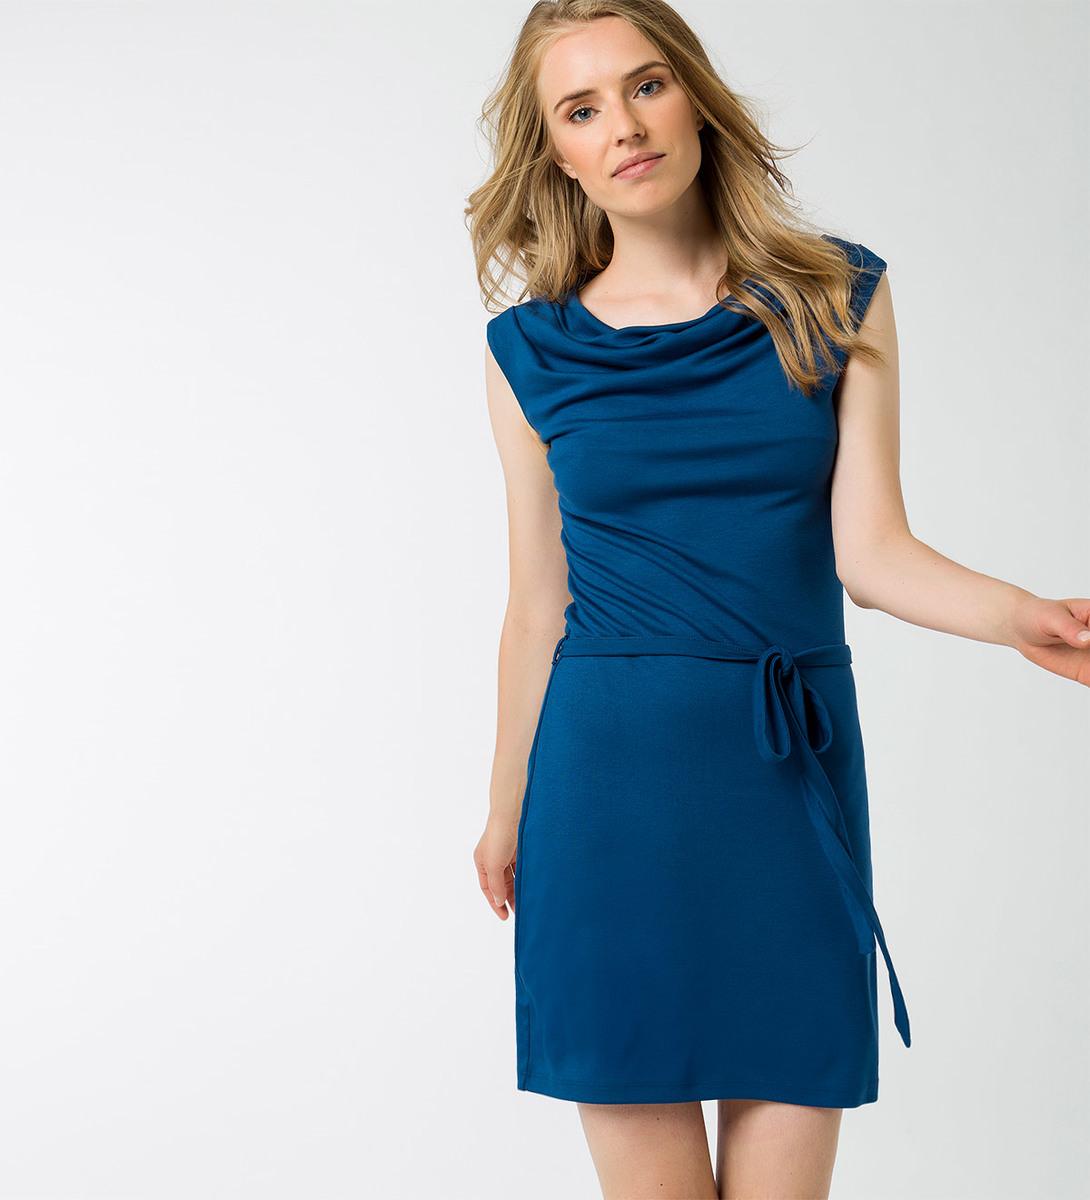 Kleid mit Wasserfallausschnitt in pacific blue